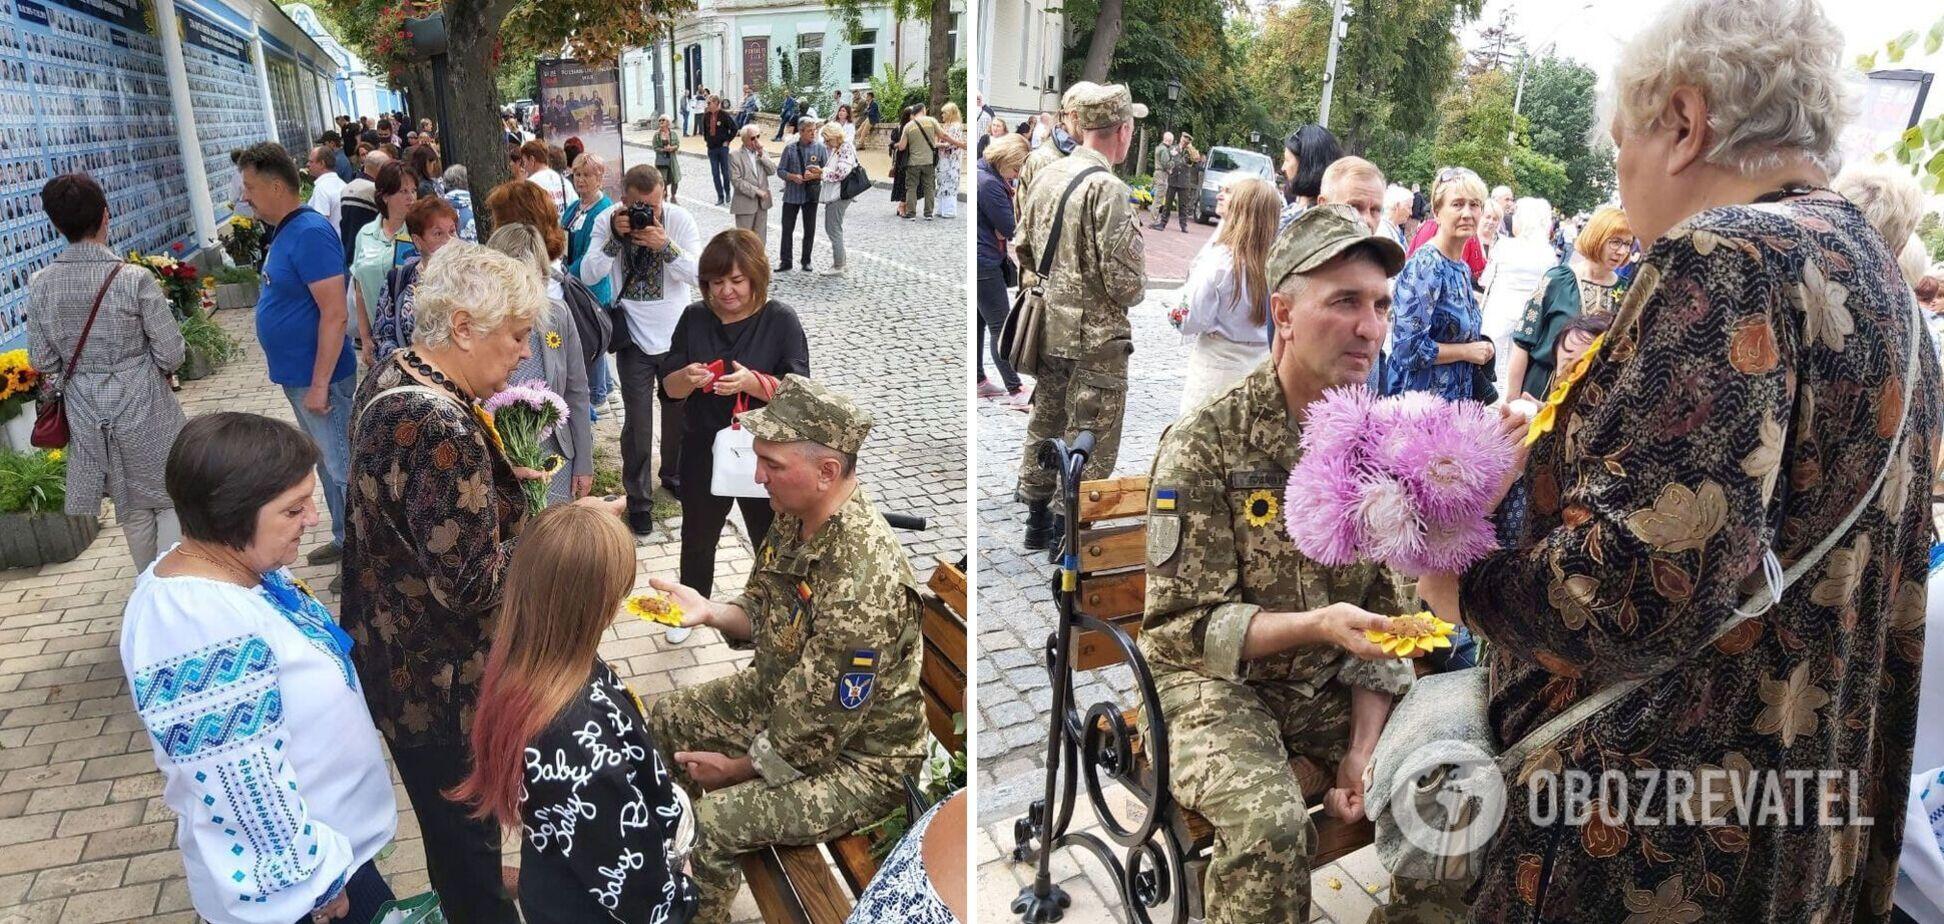 Українці масово зібралися в Києві на молебень у пам'ять про захисників України. Фото і відео